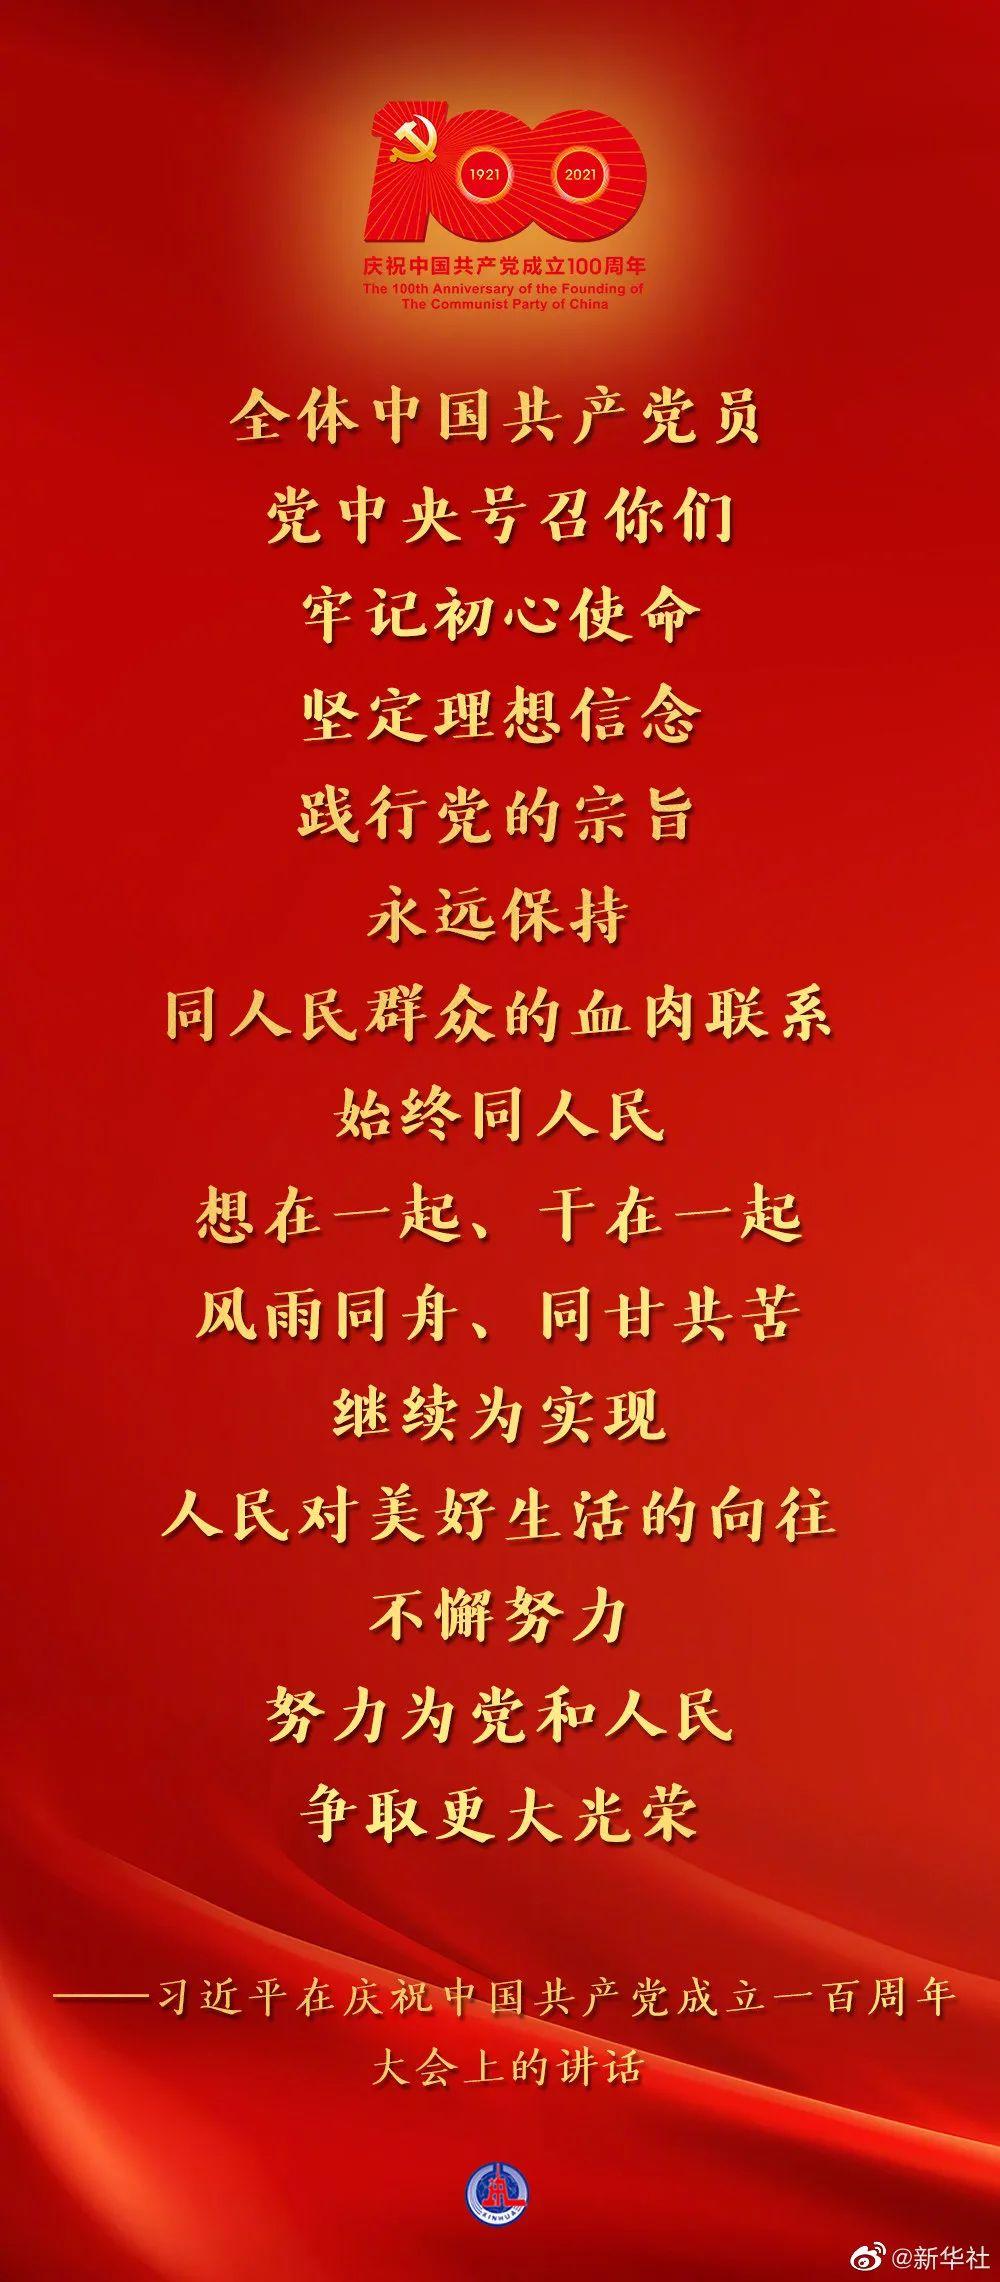 全体中国共产党员!党中央号召你们